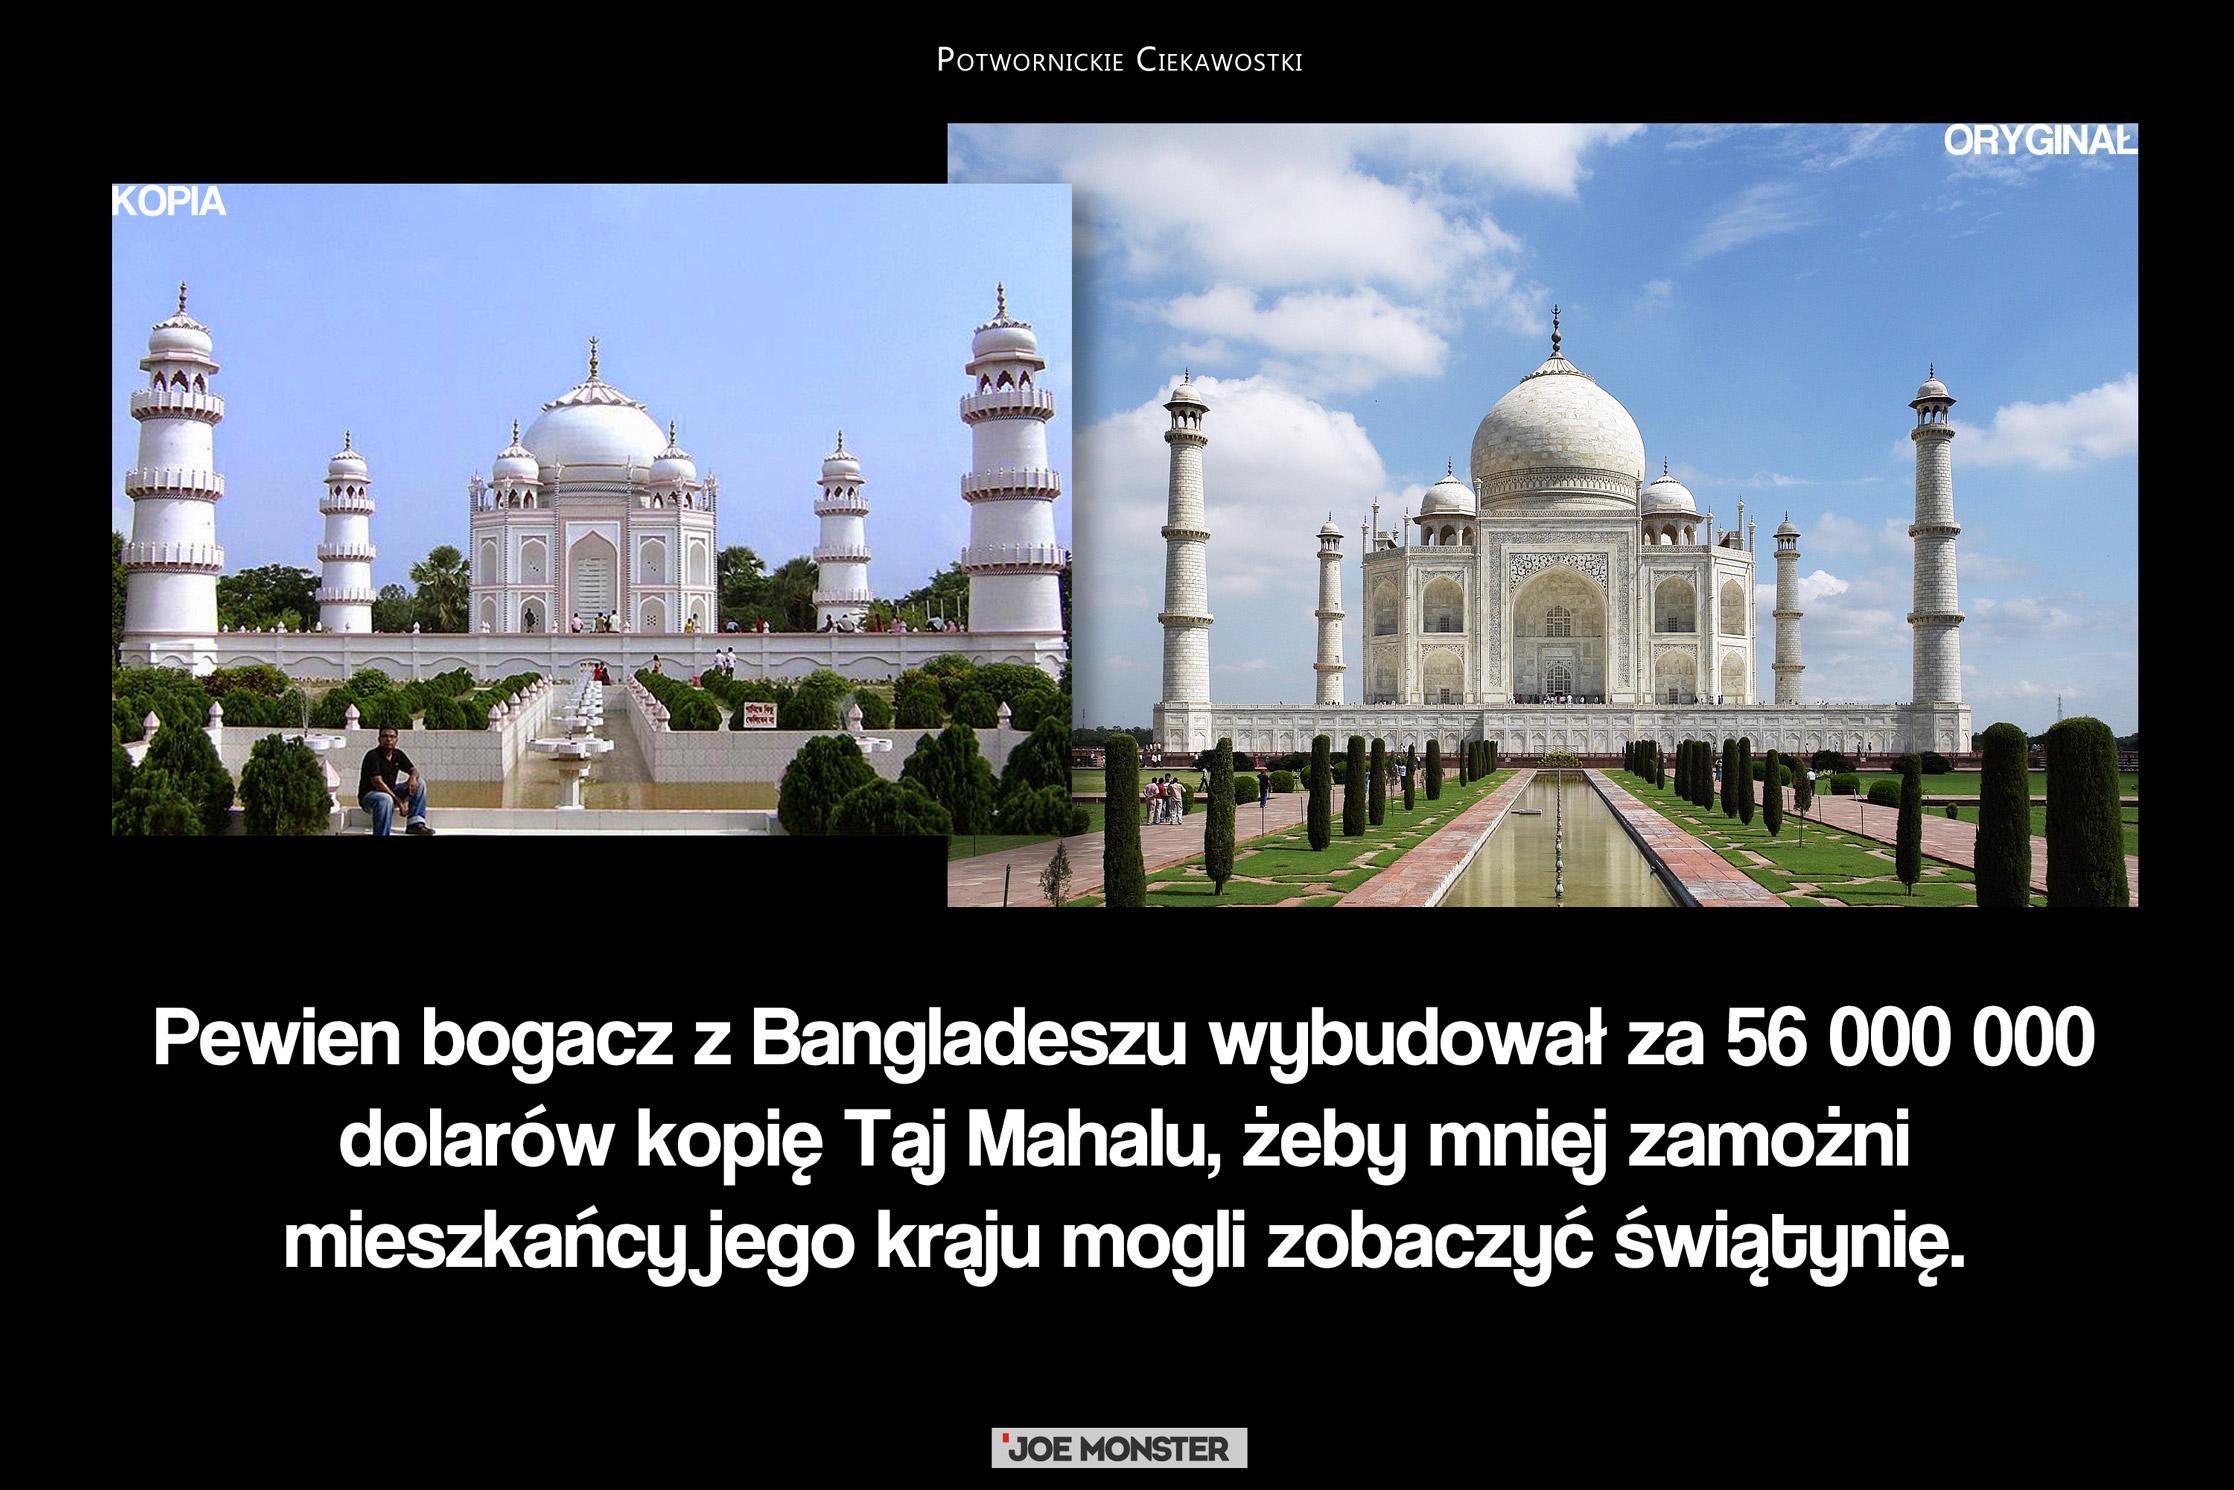 Pewien bogacz z Bangladeszu wybudował za 56 000 000 dolarów kopię Taj Mahalu, żeby mniej zamożni mieszkańcy jego kraju mogli zobaczyć świątynię.